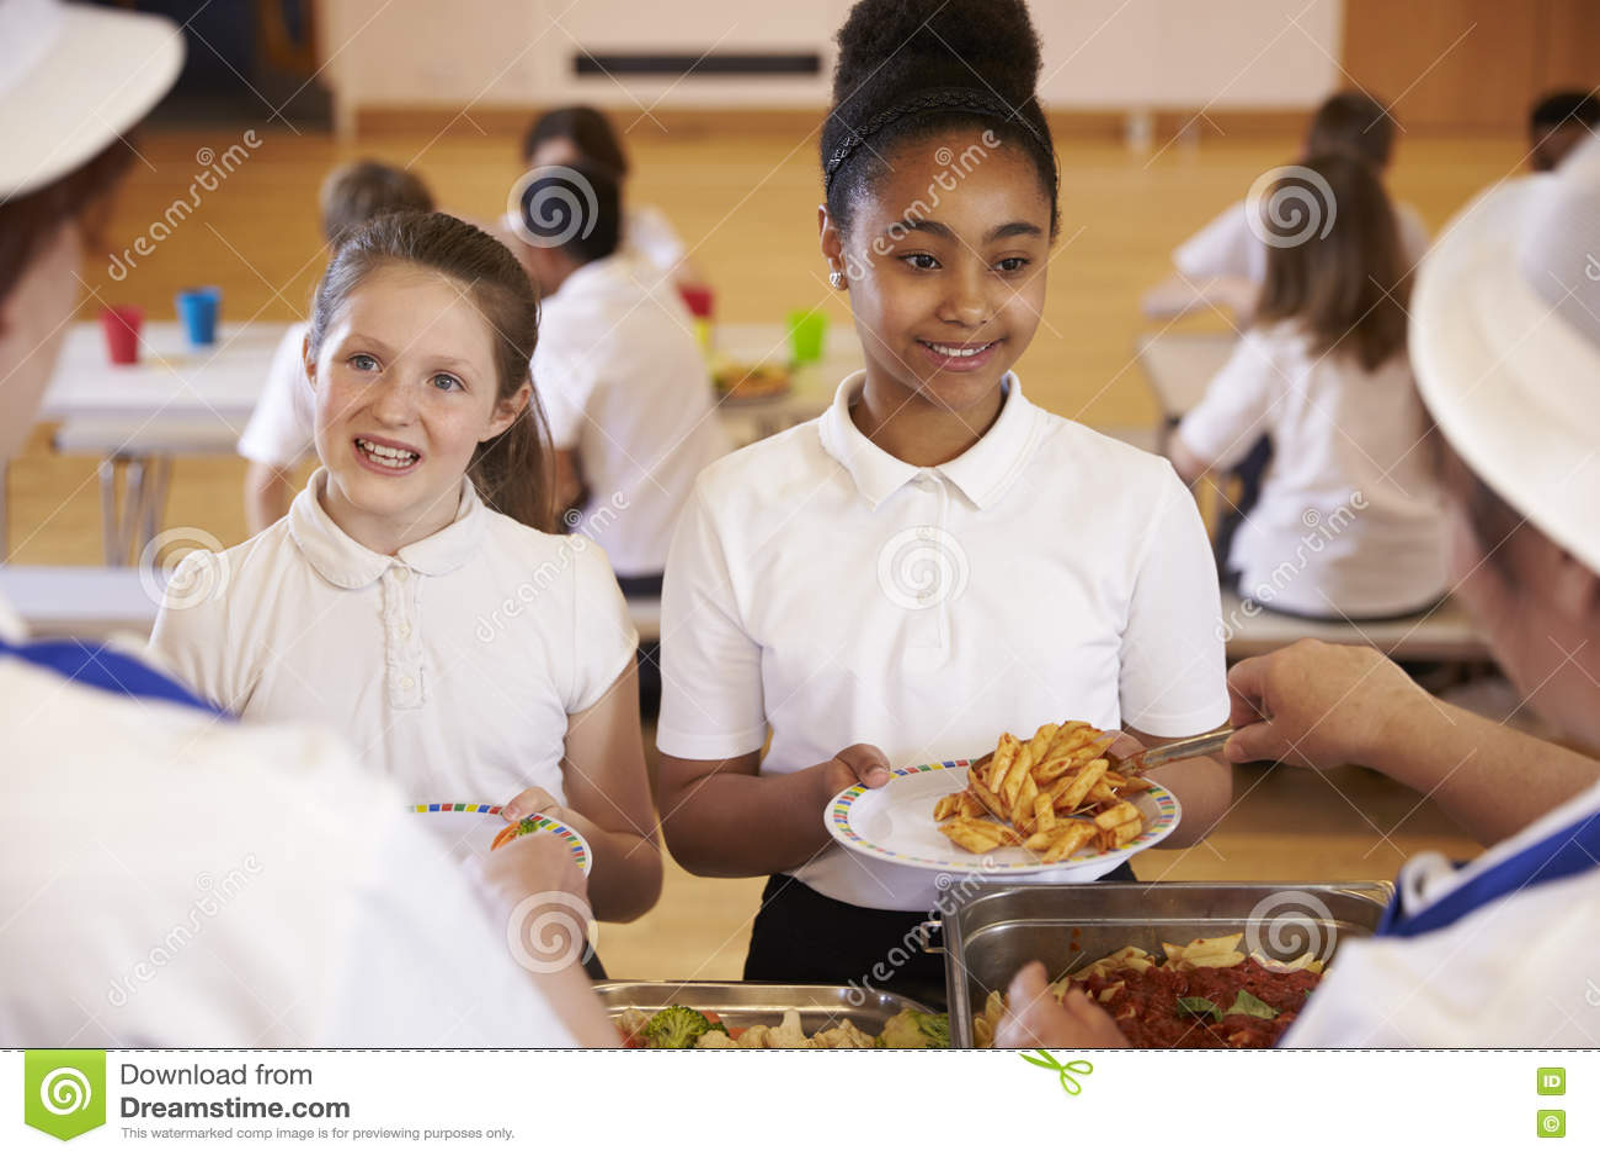 Над взглядом плеча девушек будучи послуженным в школьном кафетерии